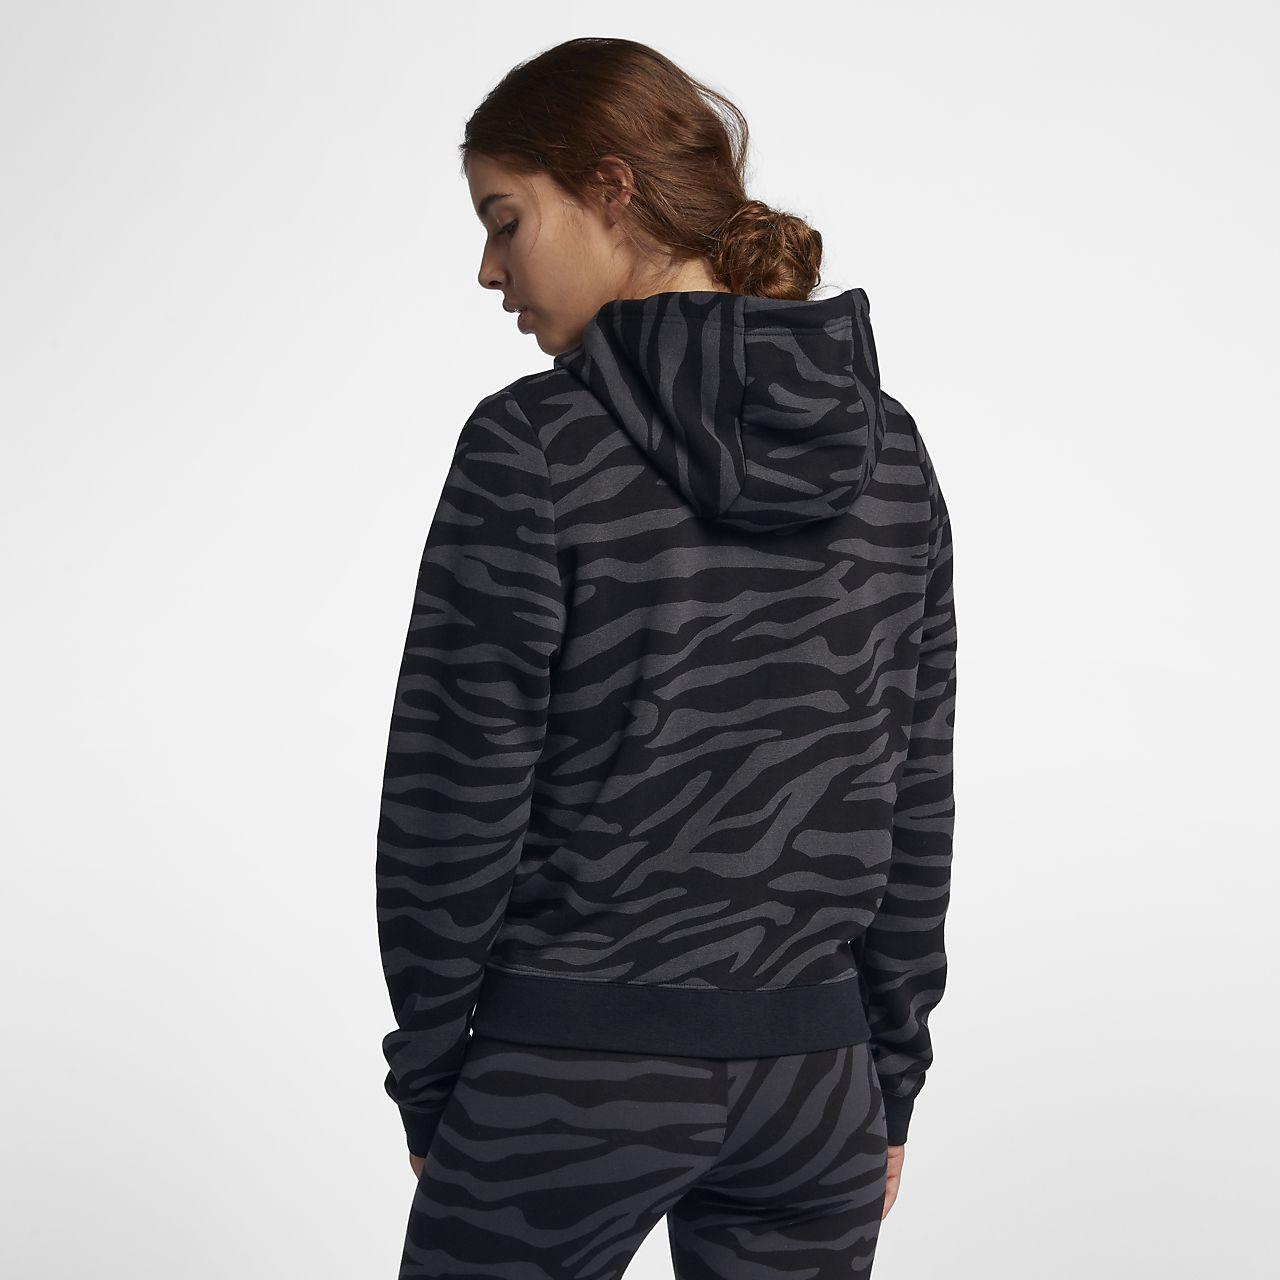 Felpa animalier con cappuccio e zip a tutta lunghezza Nike Sportswear -  Donna